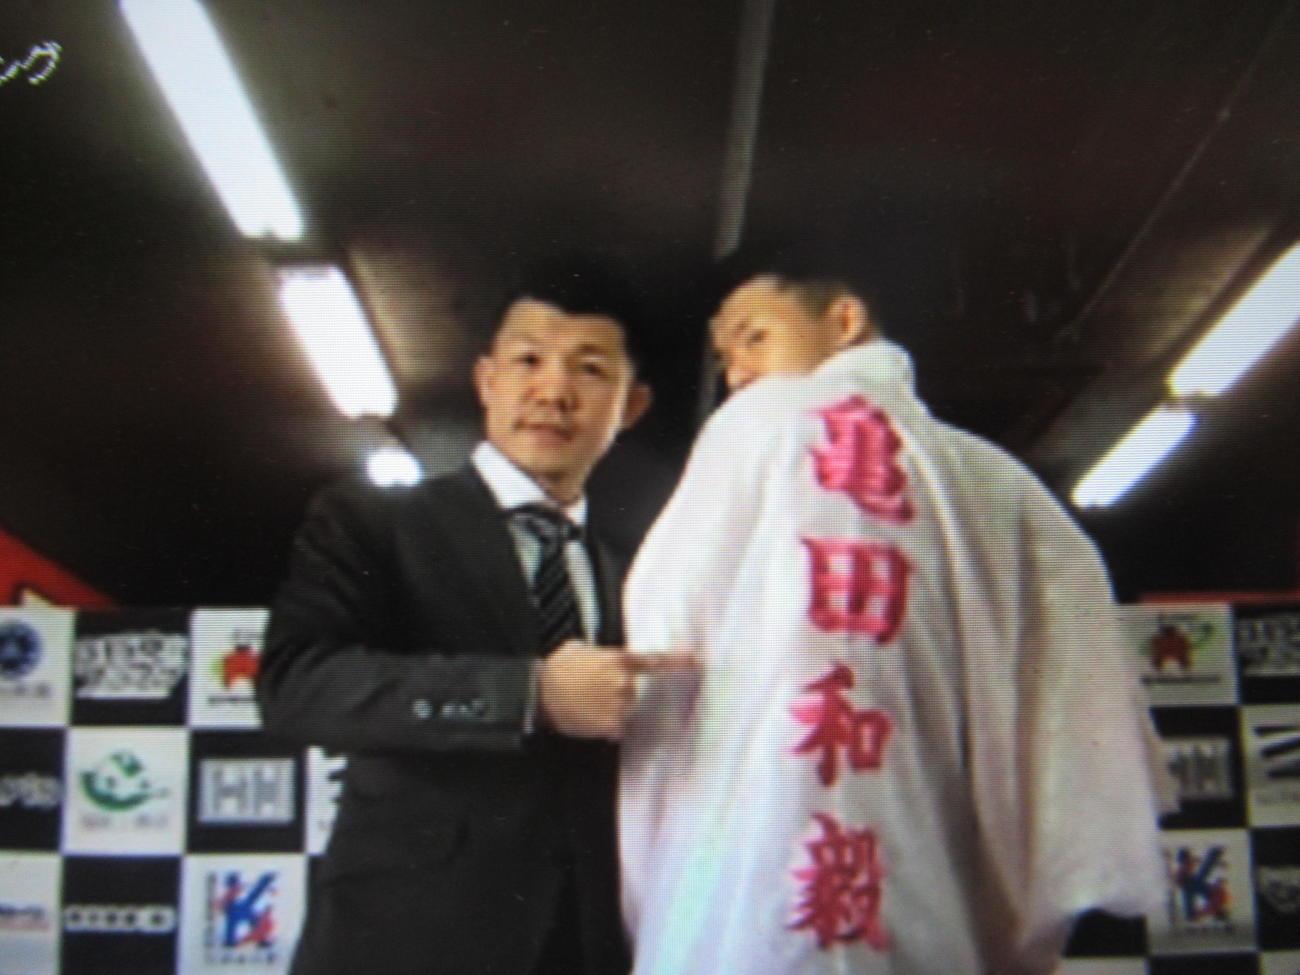 復帰戦に向けて超豪華ガウンを披露した亀田和毅(右)と亀田興毅会長